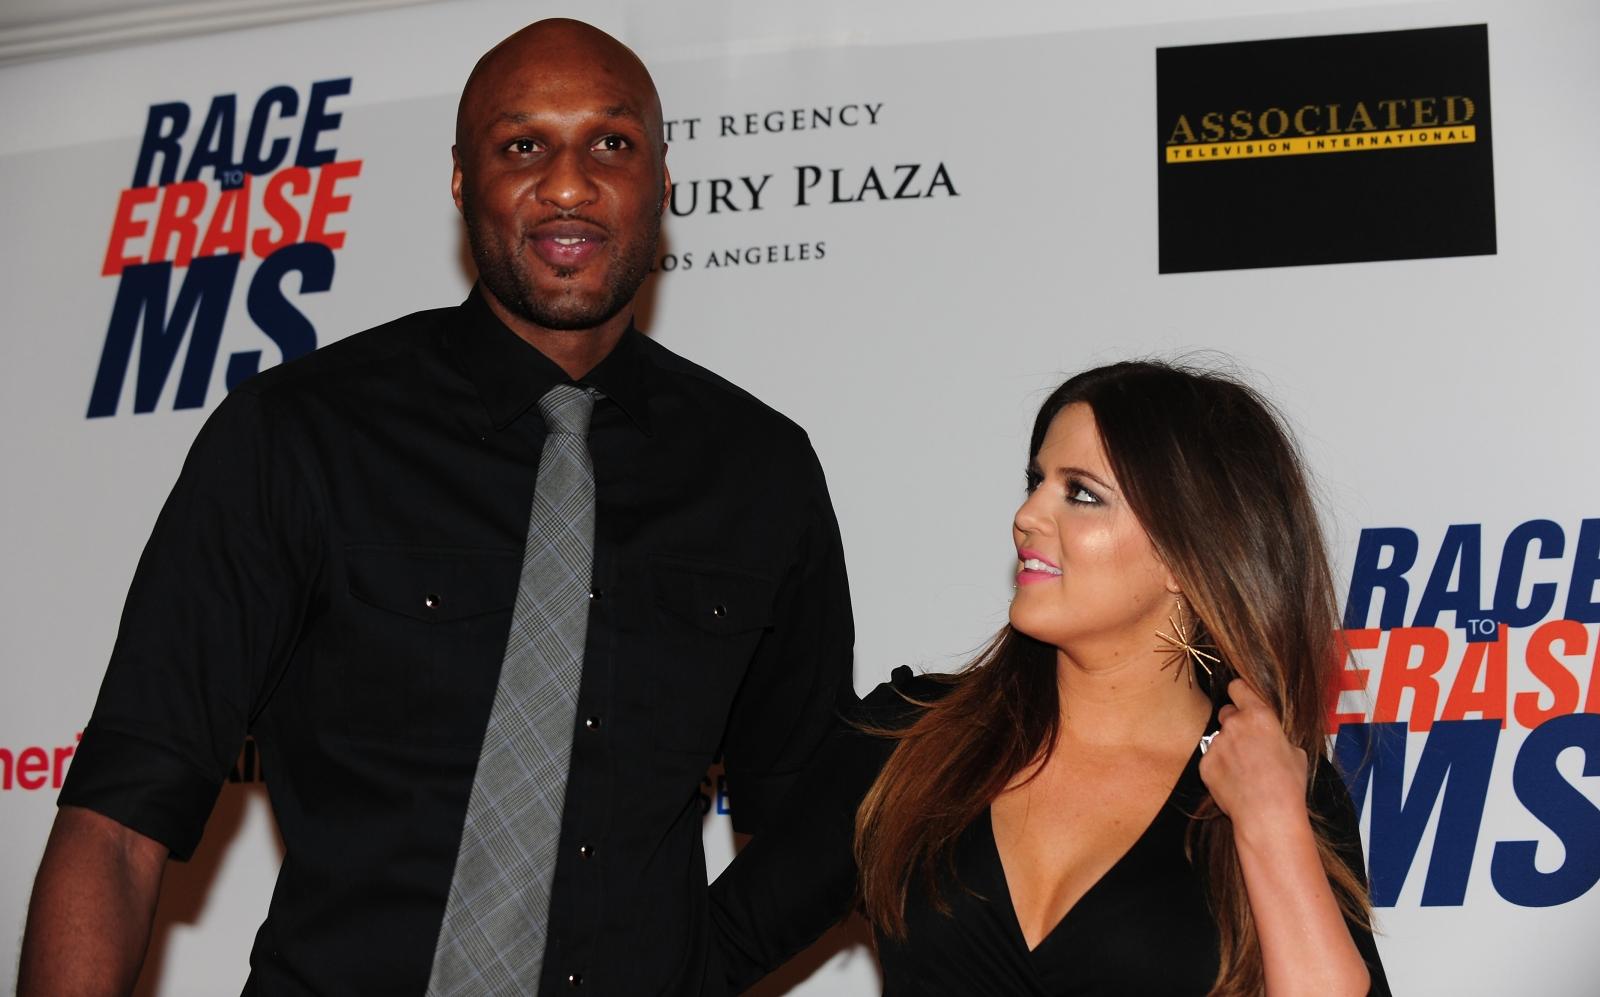 Lamar Odom and Khloe Kardashian